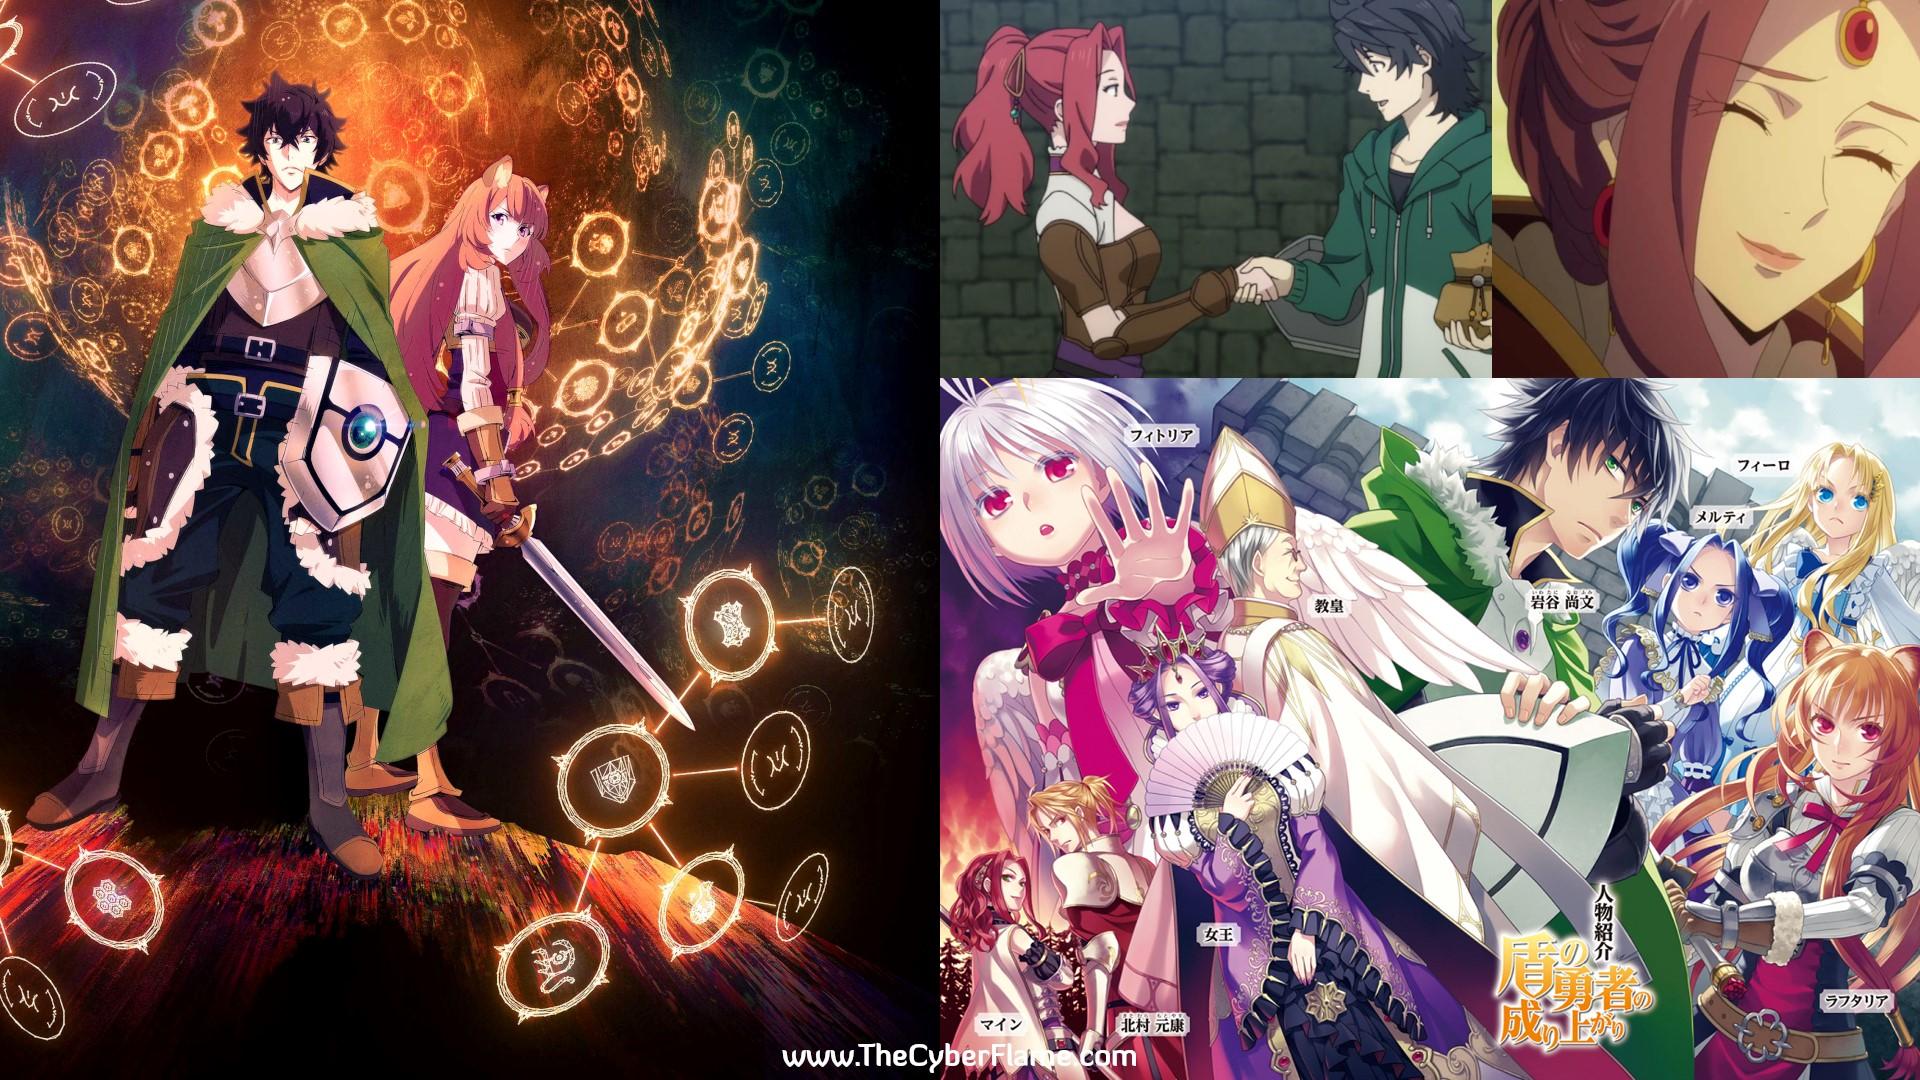 The Rising of the Shield Hero Anime - Tate no Yuusha no Nariagari